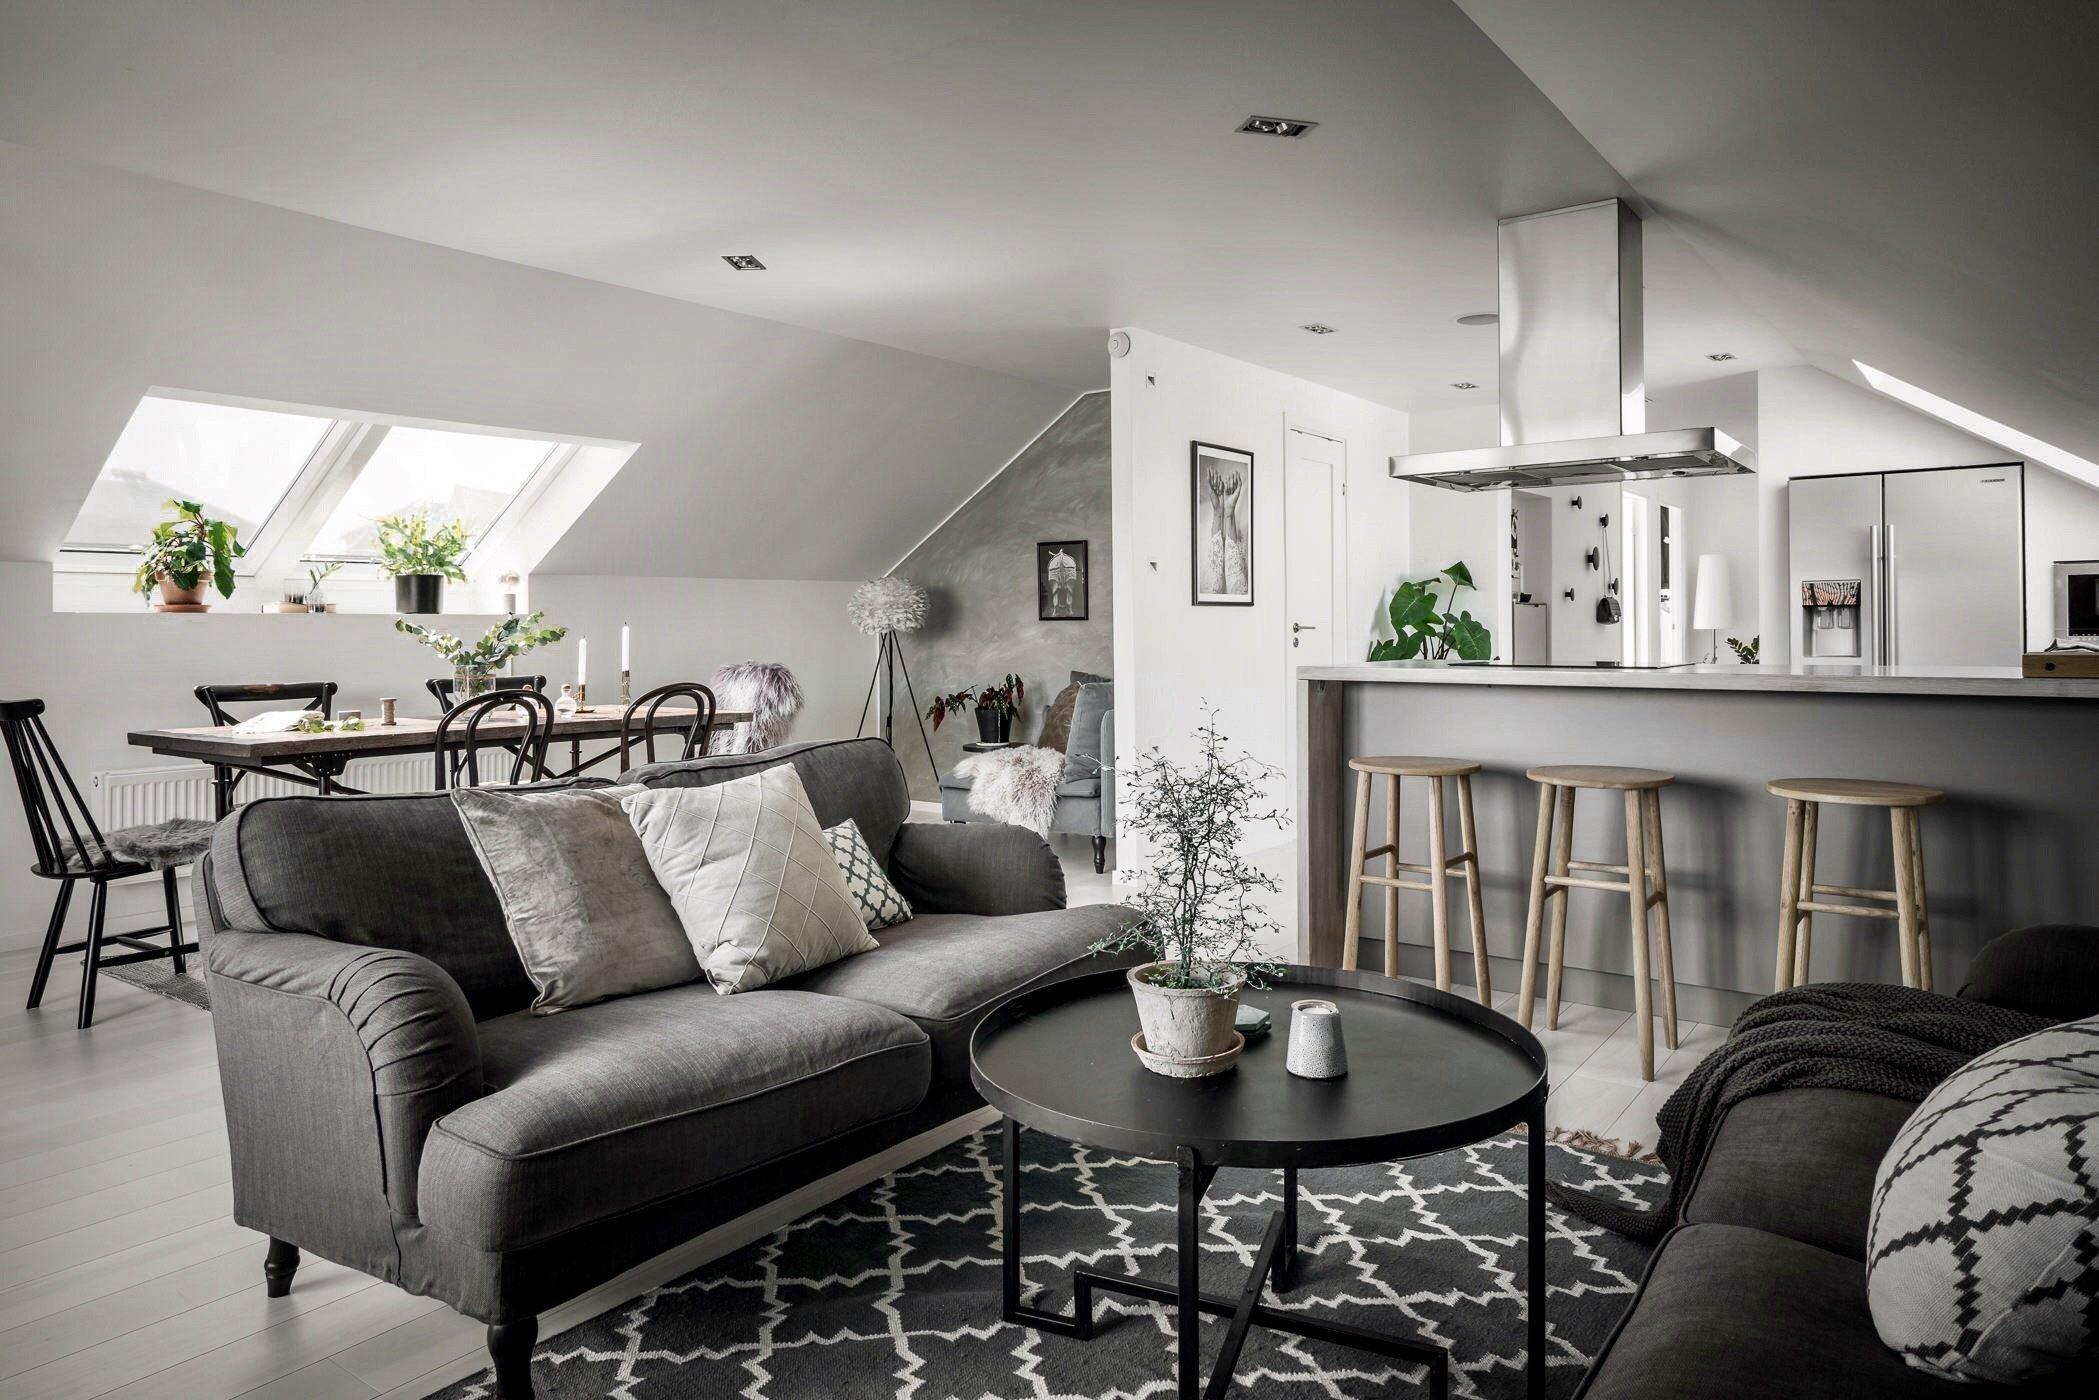 Podkrovní byt, do kterého dnes nahlédneme, je jasným důkazem toho, že interiér zařízený v bílé, šedé a černé barvě může působit útulně hřejivým dojmem.